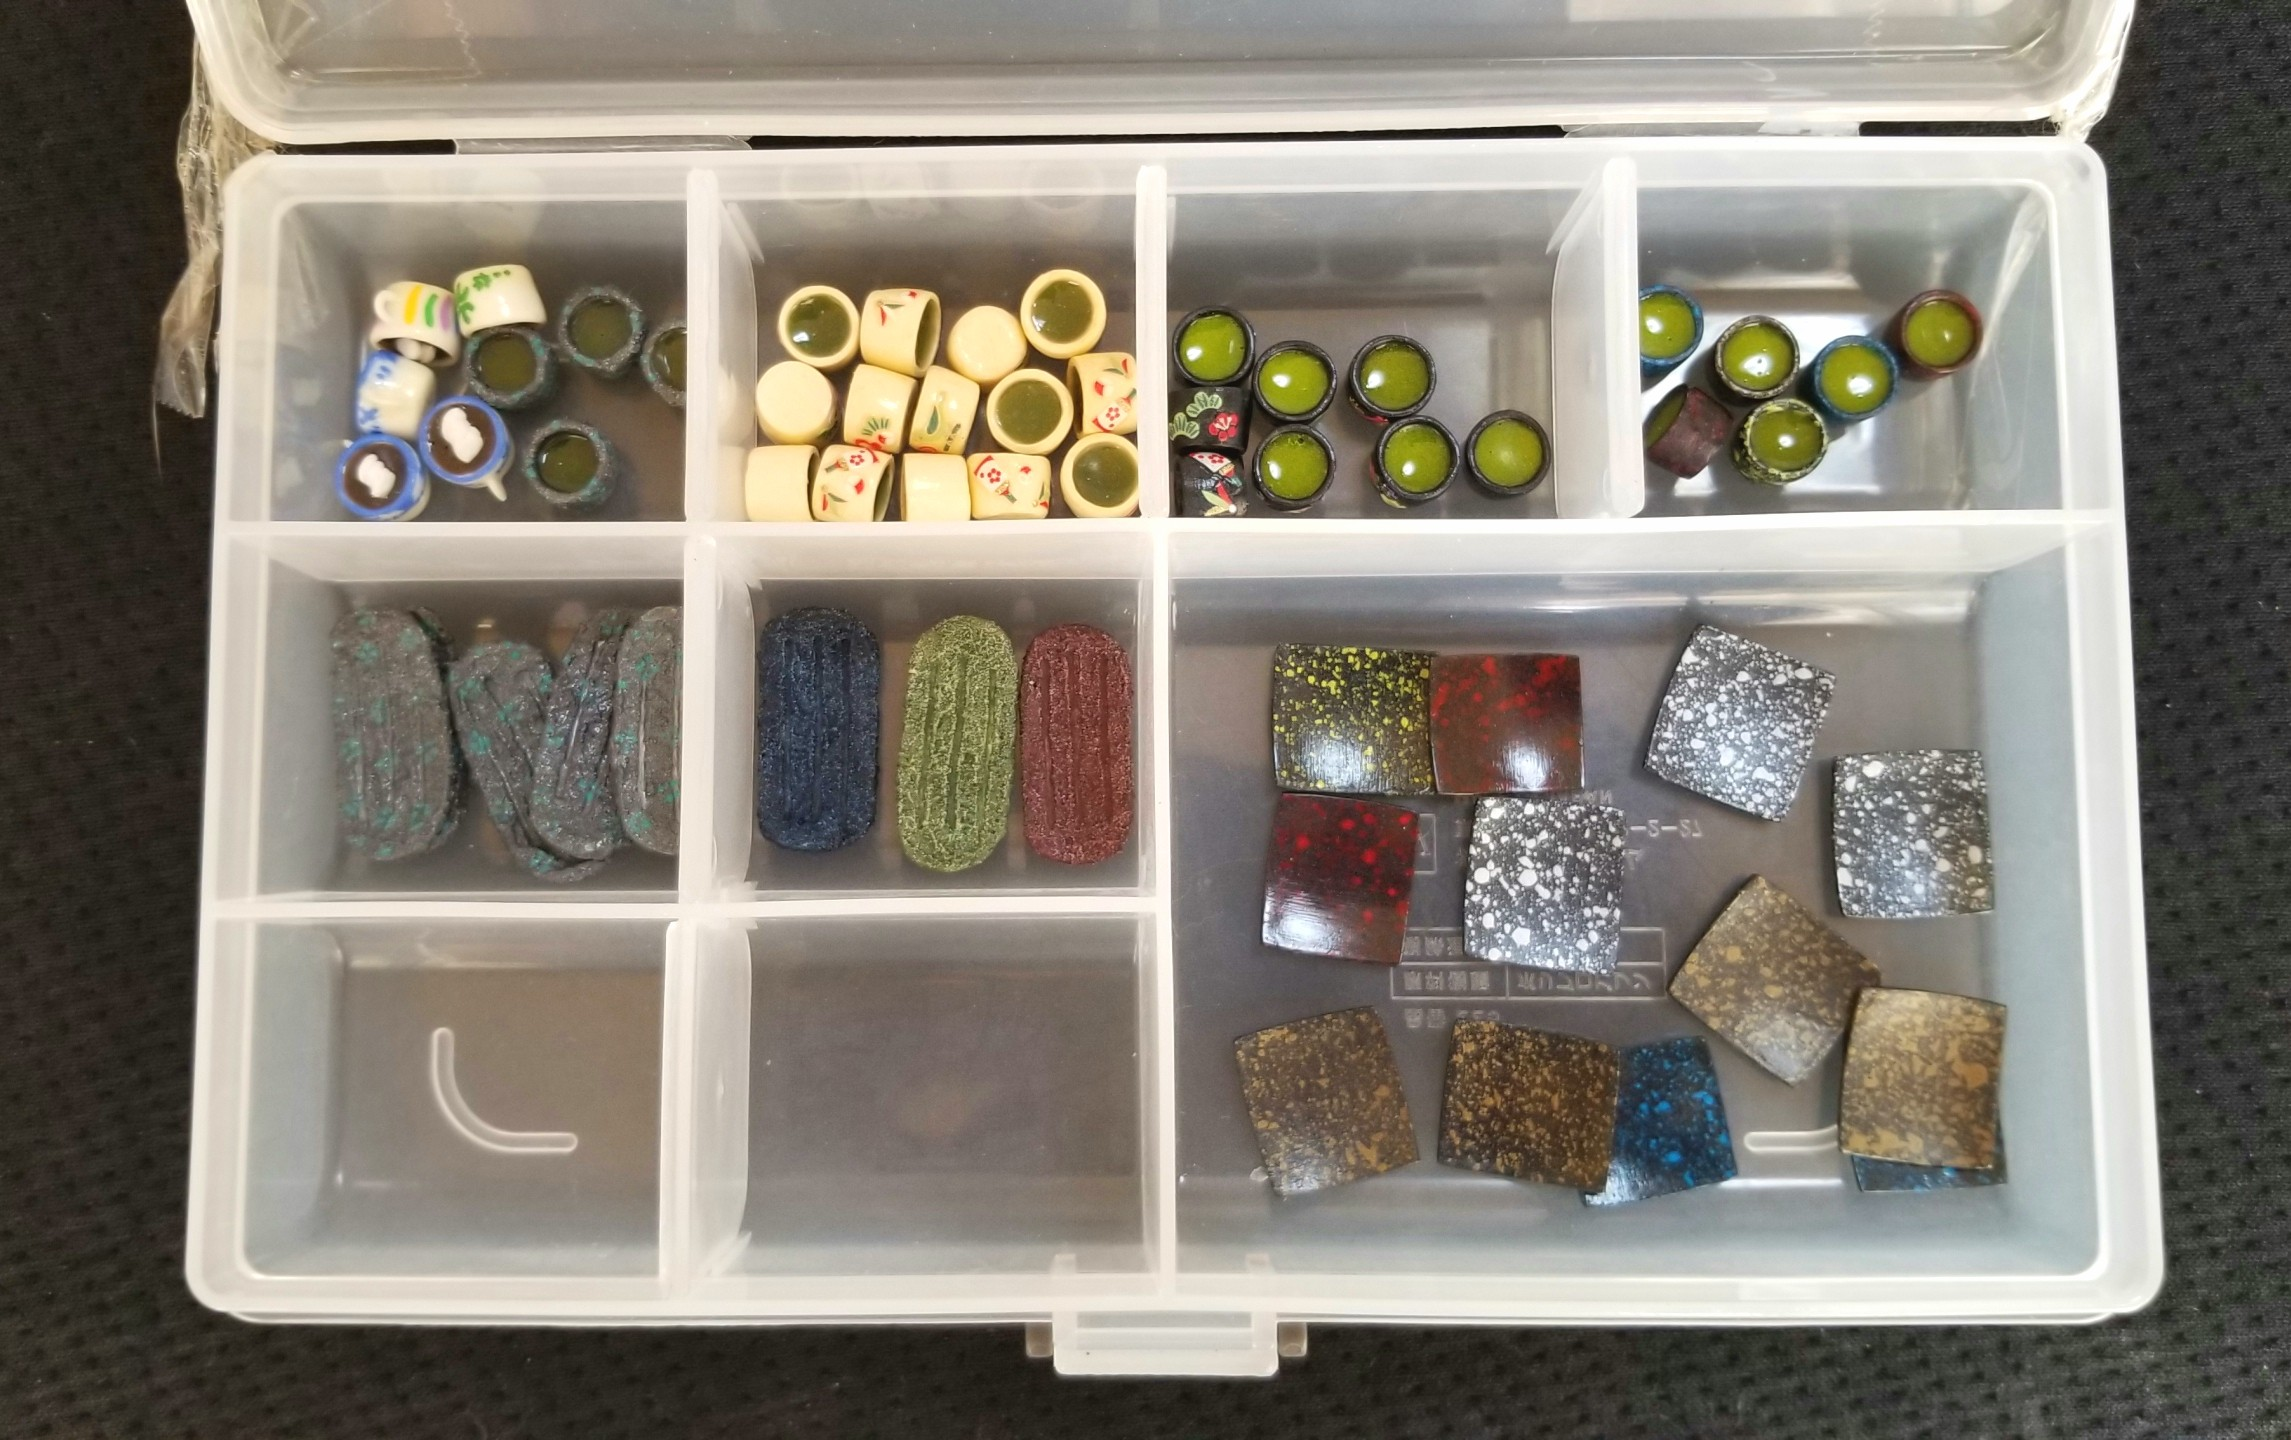 ミニチュア,和食器,お抹茶,お茶,粘土,リカちゃん人形,バービー